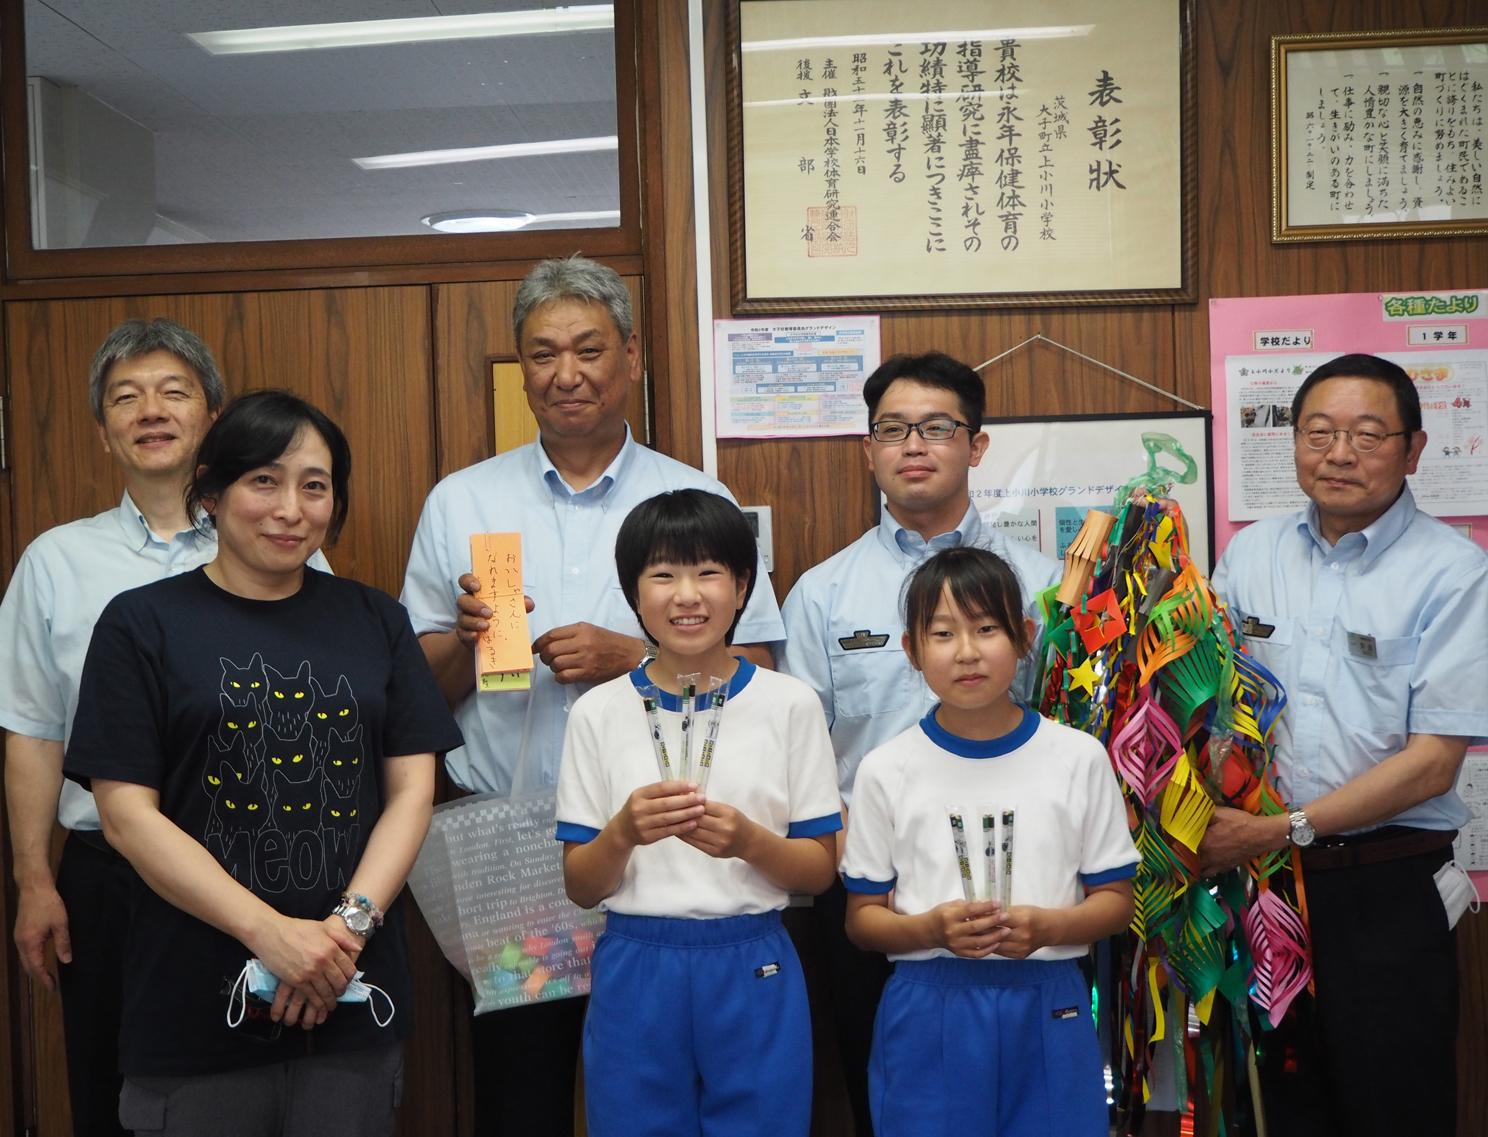 短冊と手作りの飾りを手渡した児童とJRの社員